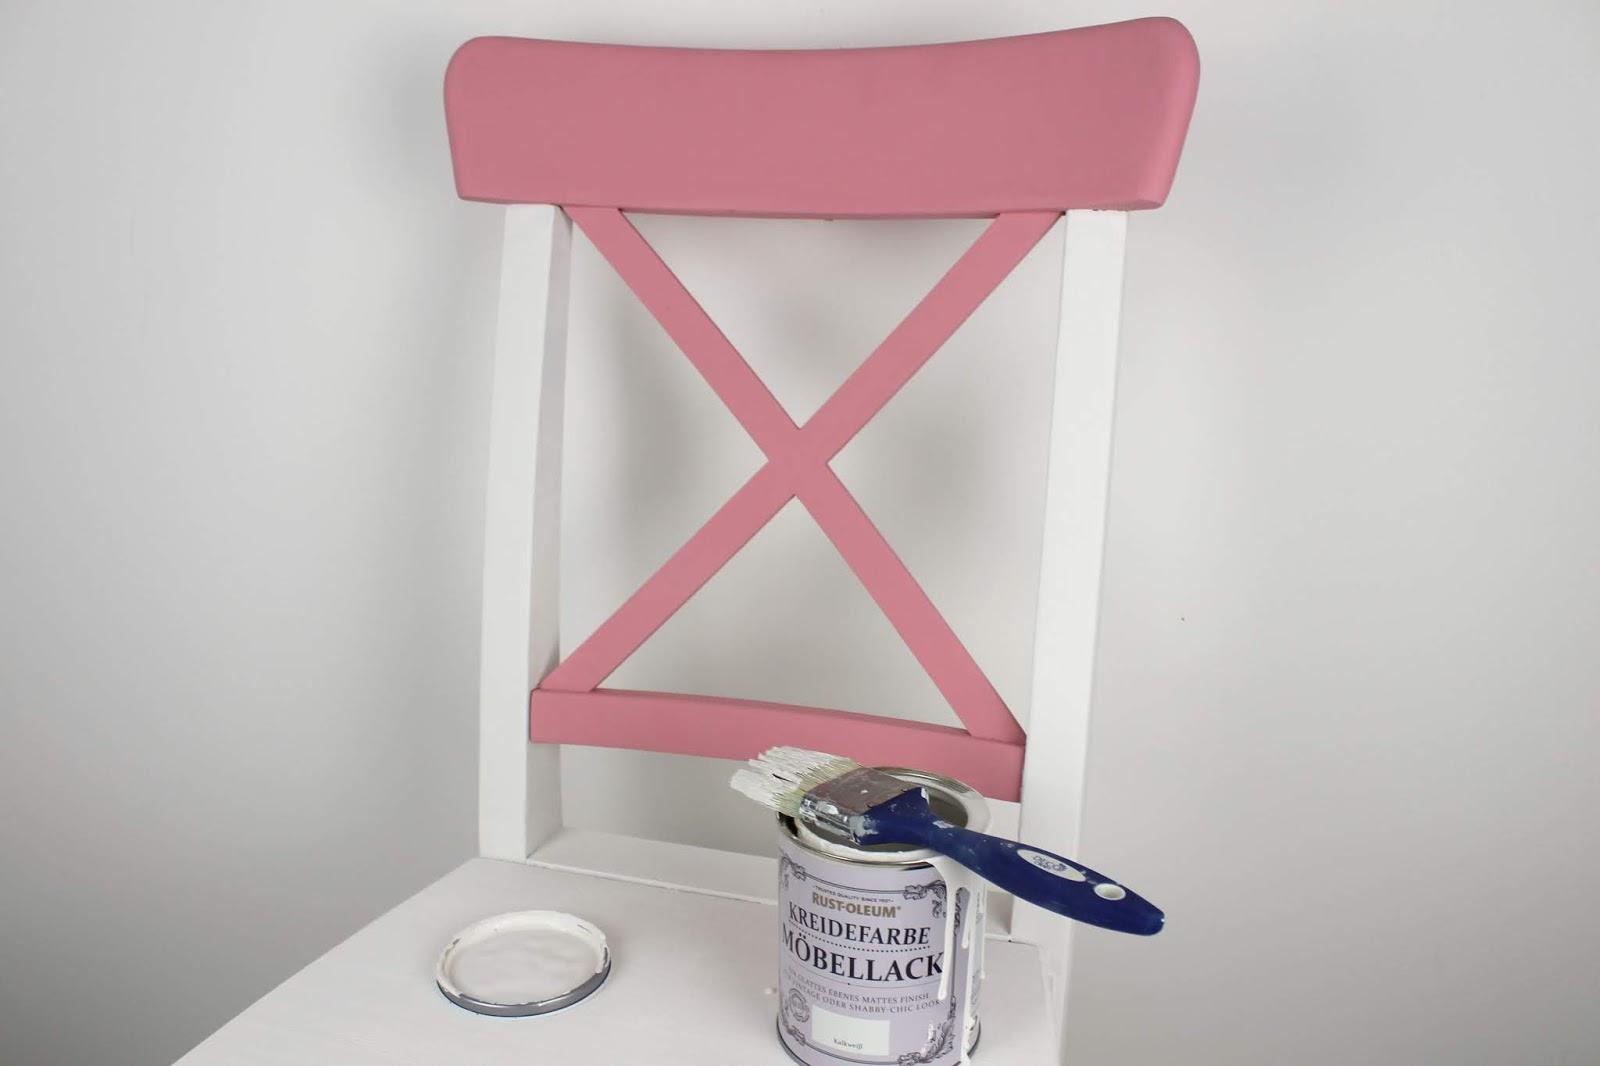 DIY: Alte Möbel aufarbeiten und neu streichen mit Kreidefarbe von Rust-Oleum - farbenfrohes Make Over